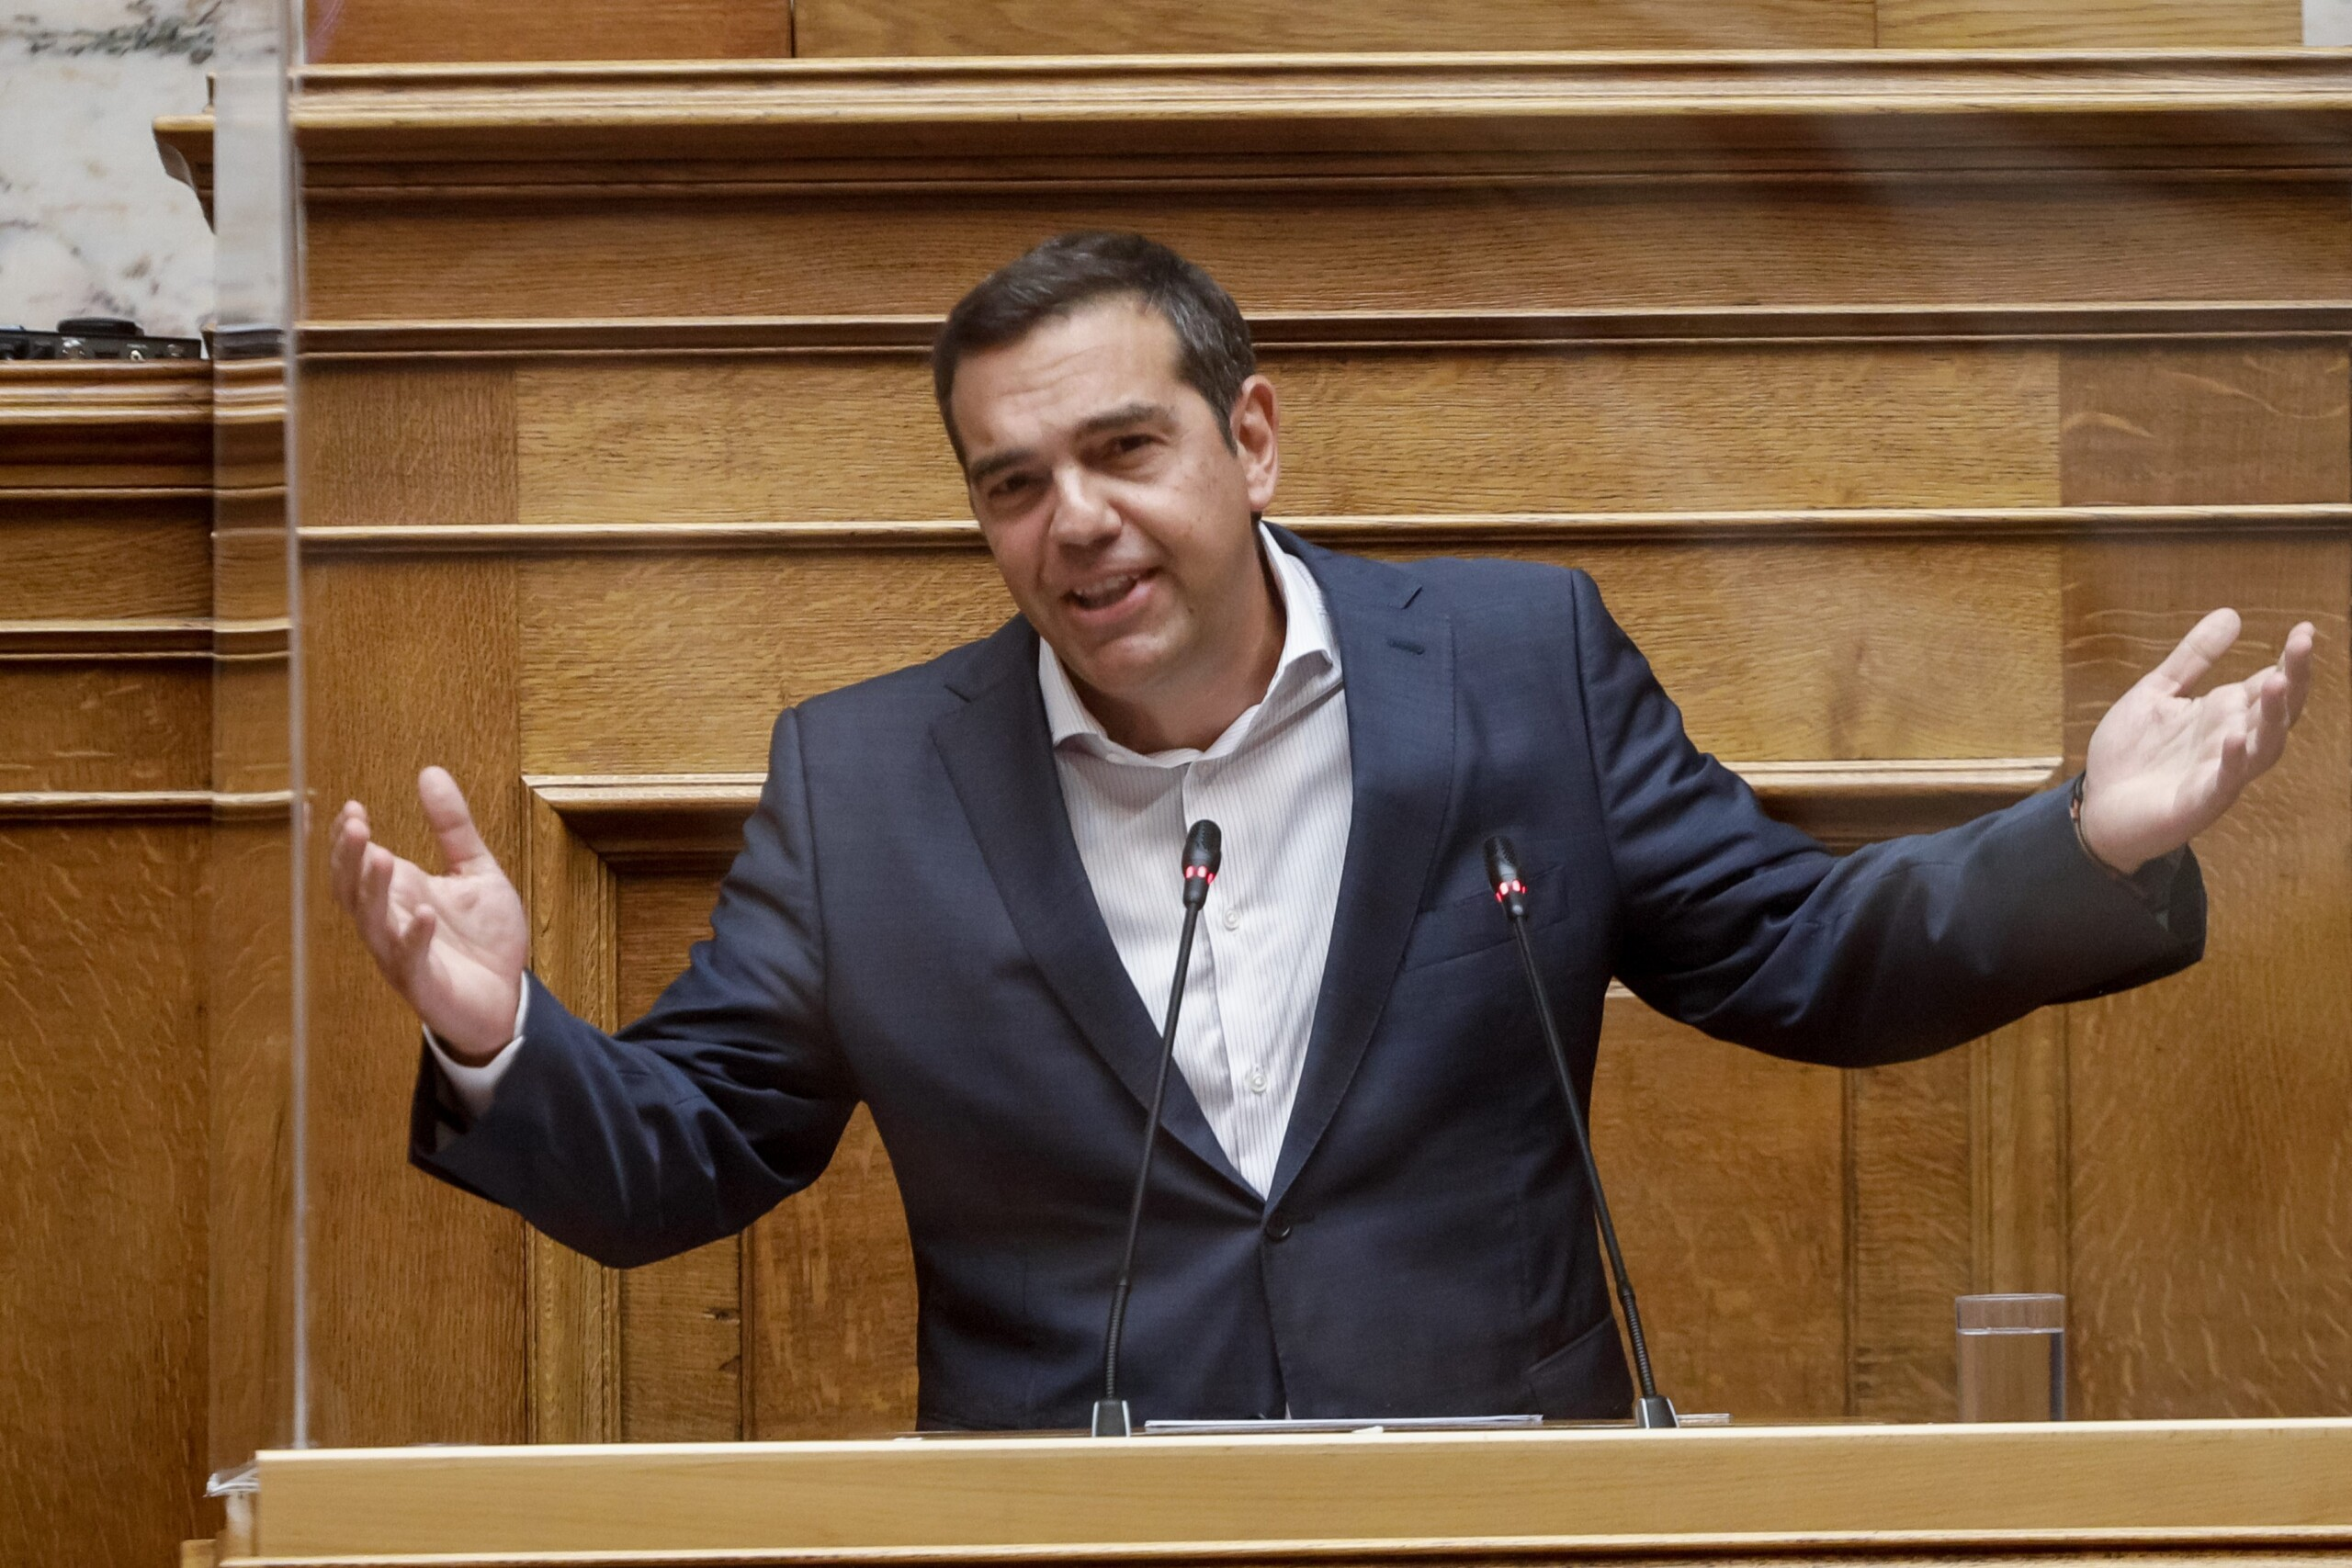 Τσίπρας: Με το εργασιακό ο Μητσοτάκης εξοφλεί γραμμάτιο